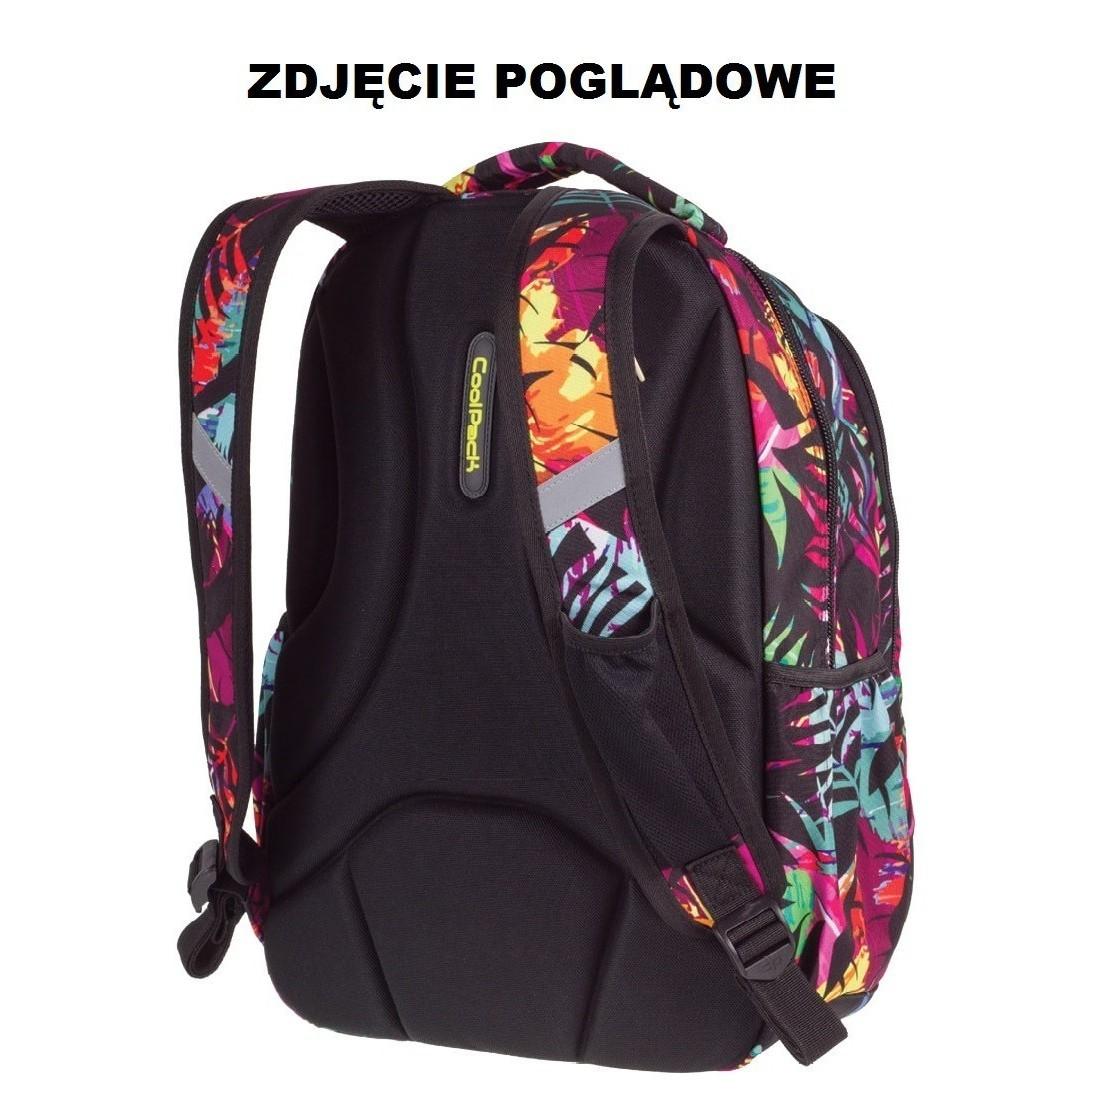 f933a990b83f2 ... Plecak młodzieżowy CoolPack CP STRIKE BOHO ELECTRA 781 Aztec Boho